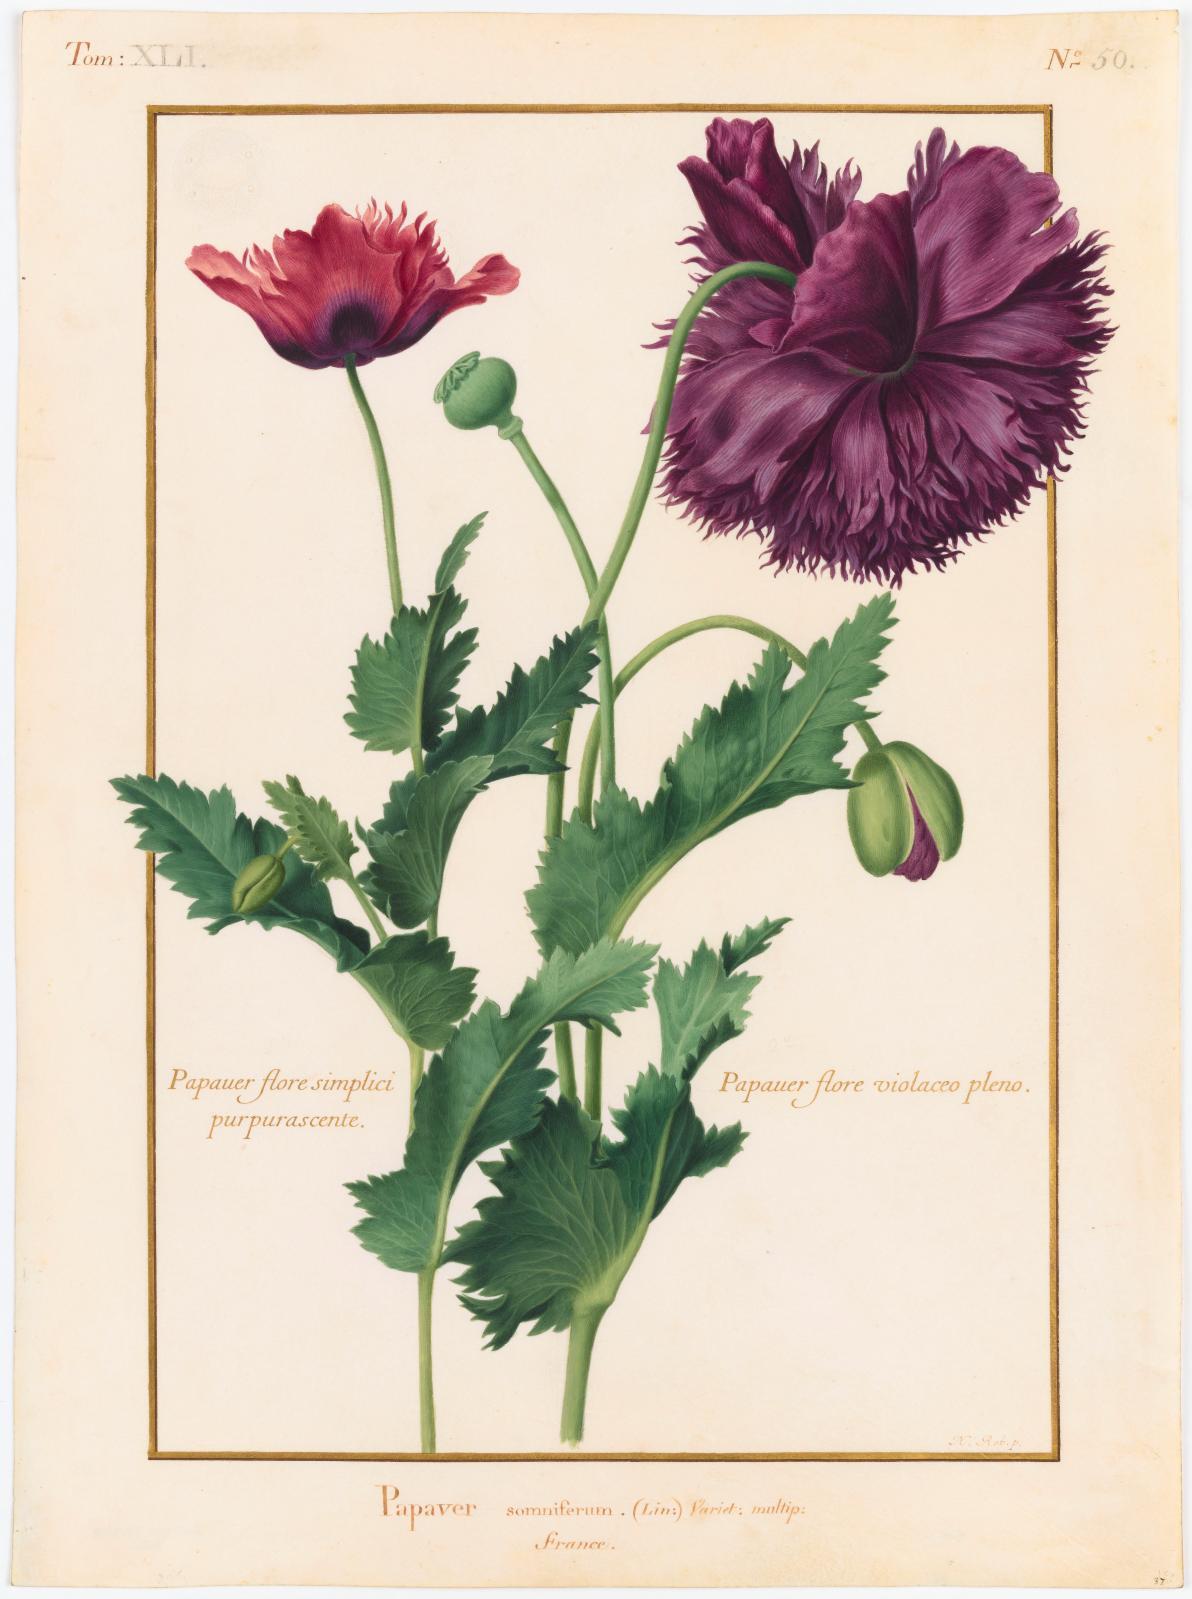 Papaver somniferum Linné (Papavéracées) Nicolas Robert, Papaver flore simplici purpurascente Papaver flore violaceo pleno Papaver somniferum Linné, va